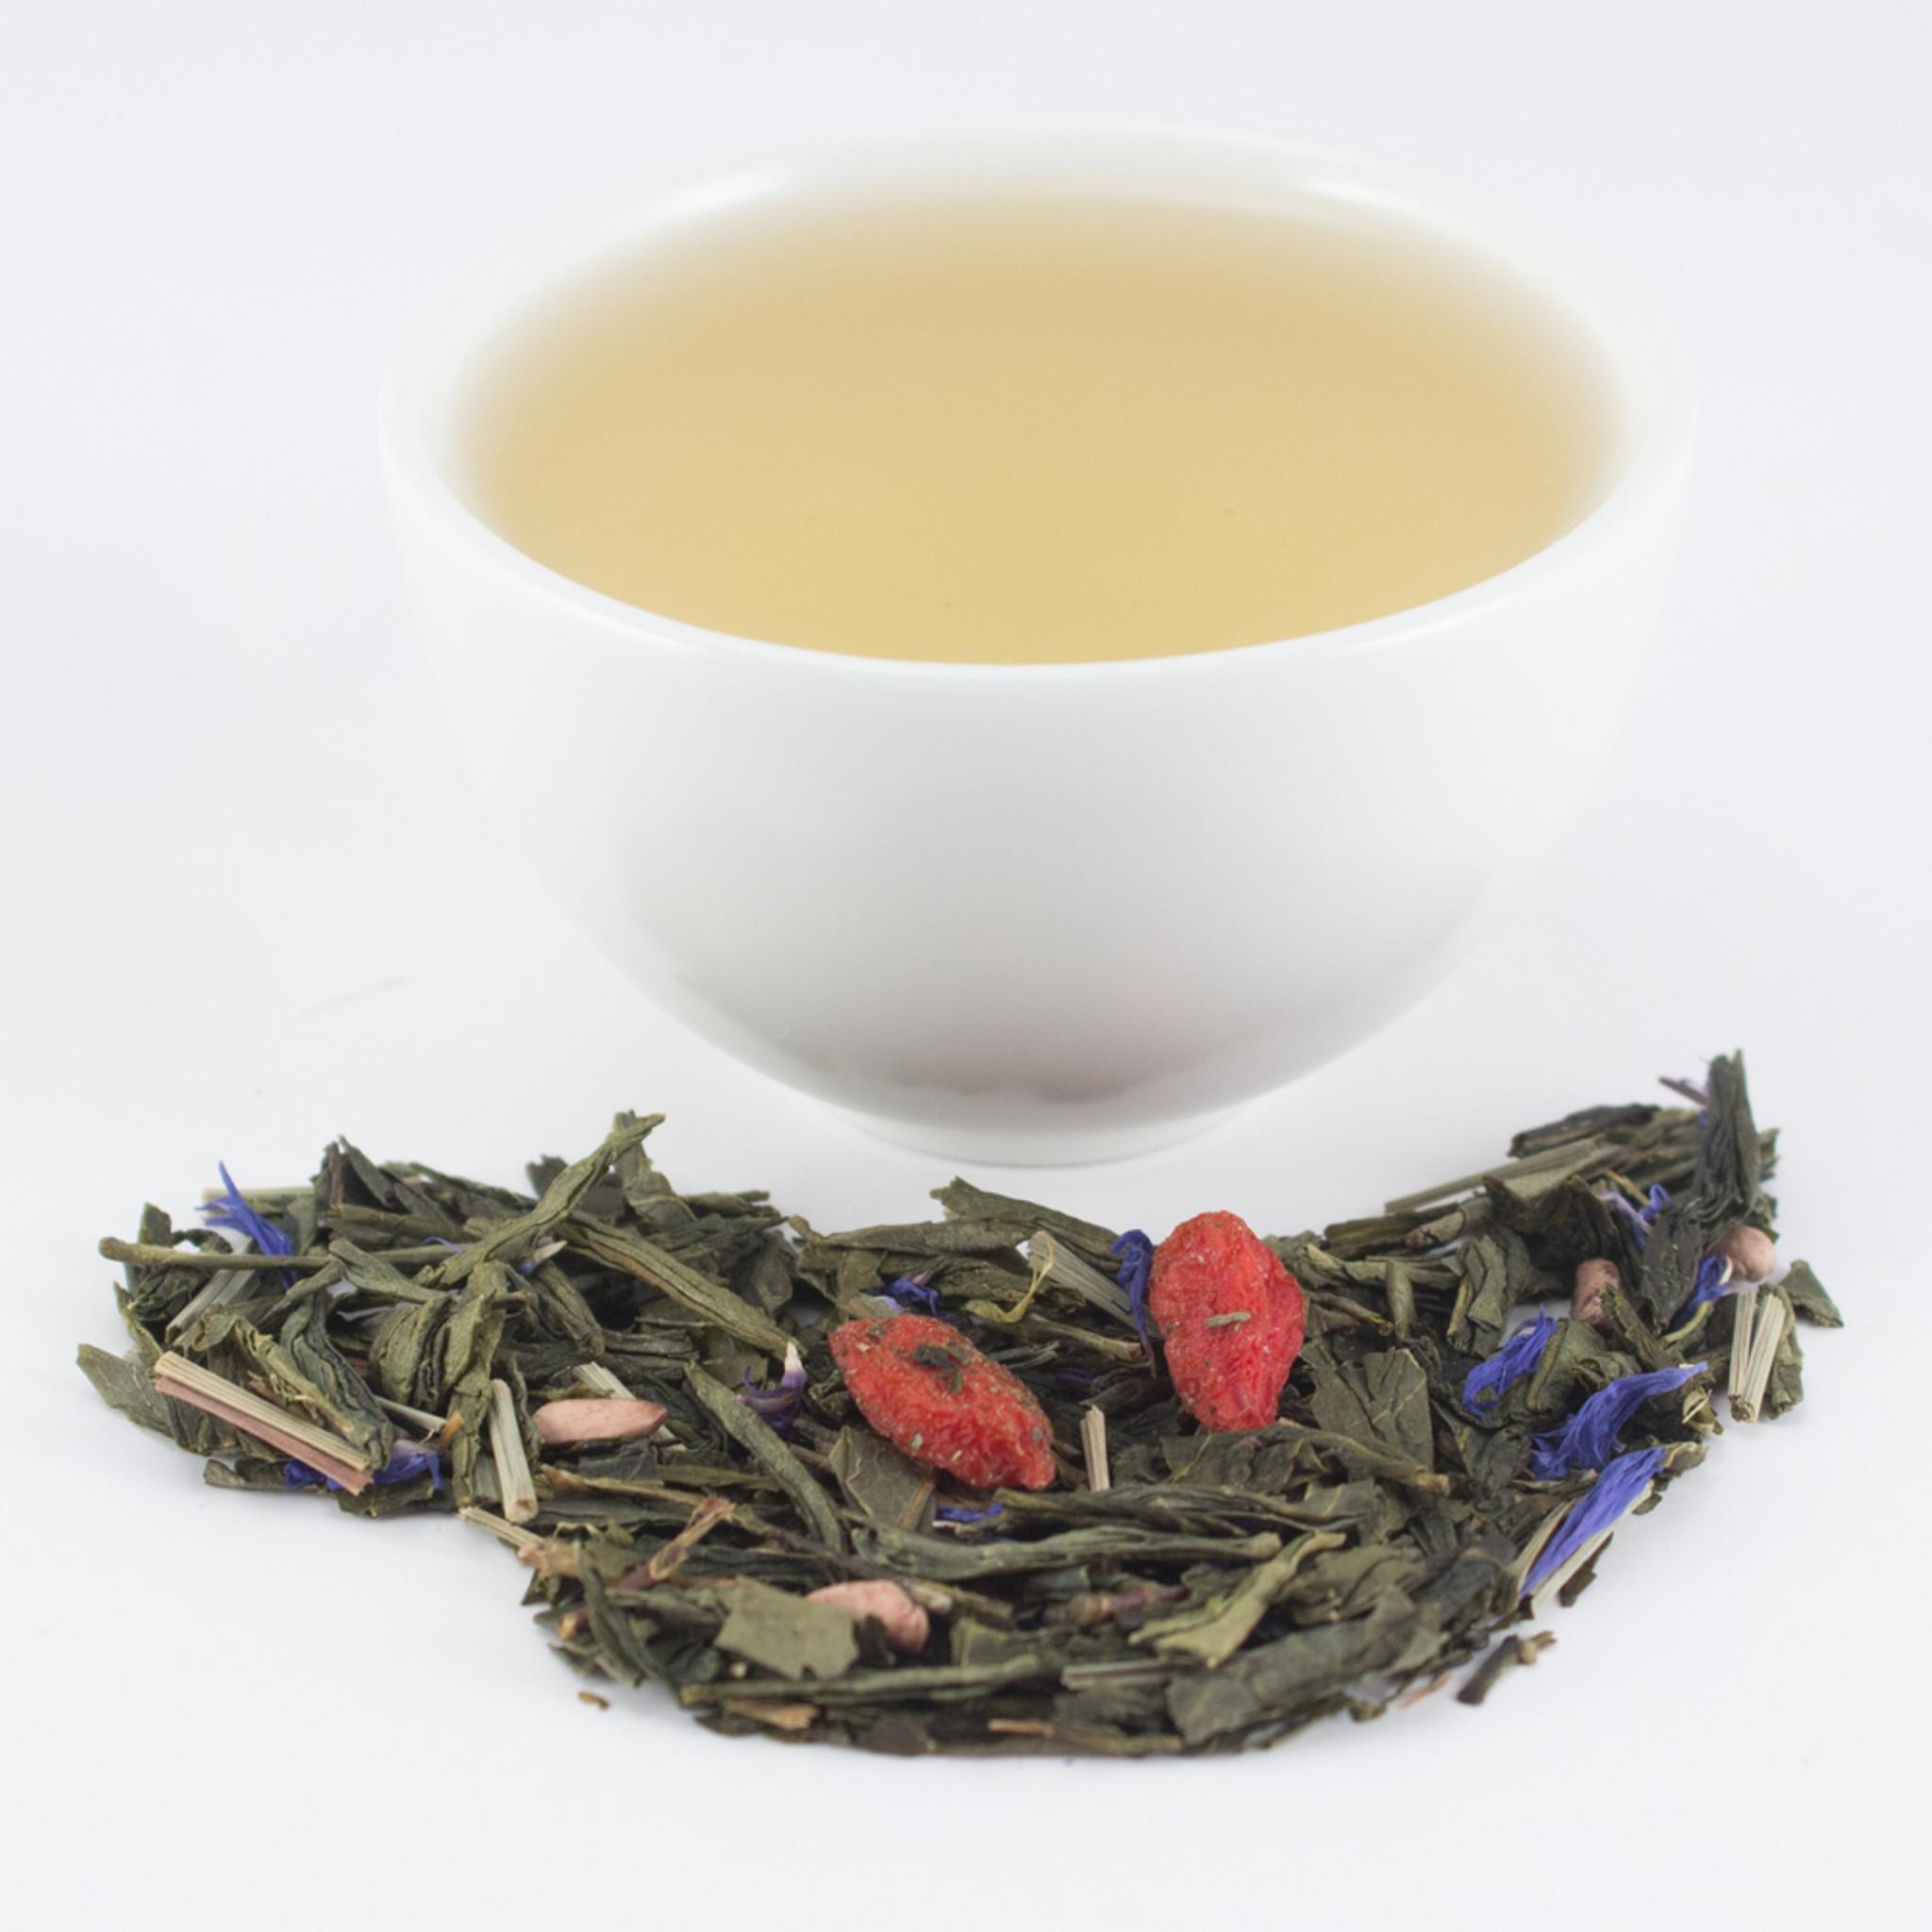 Goji Berry Bliss Green Tea 1oz The Tea Smith